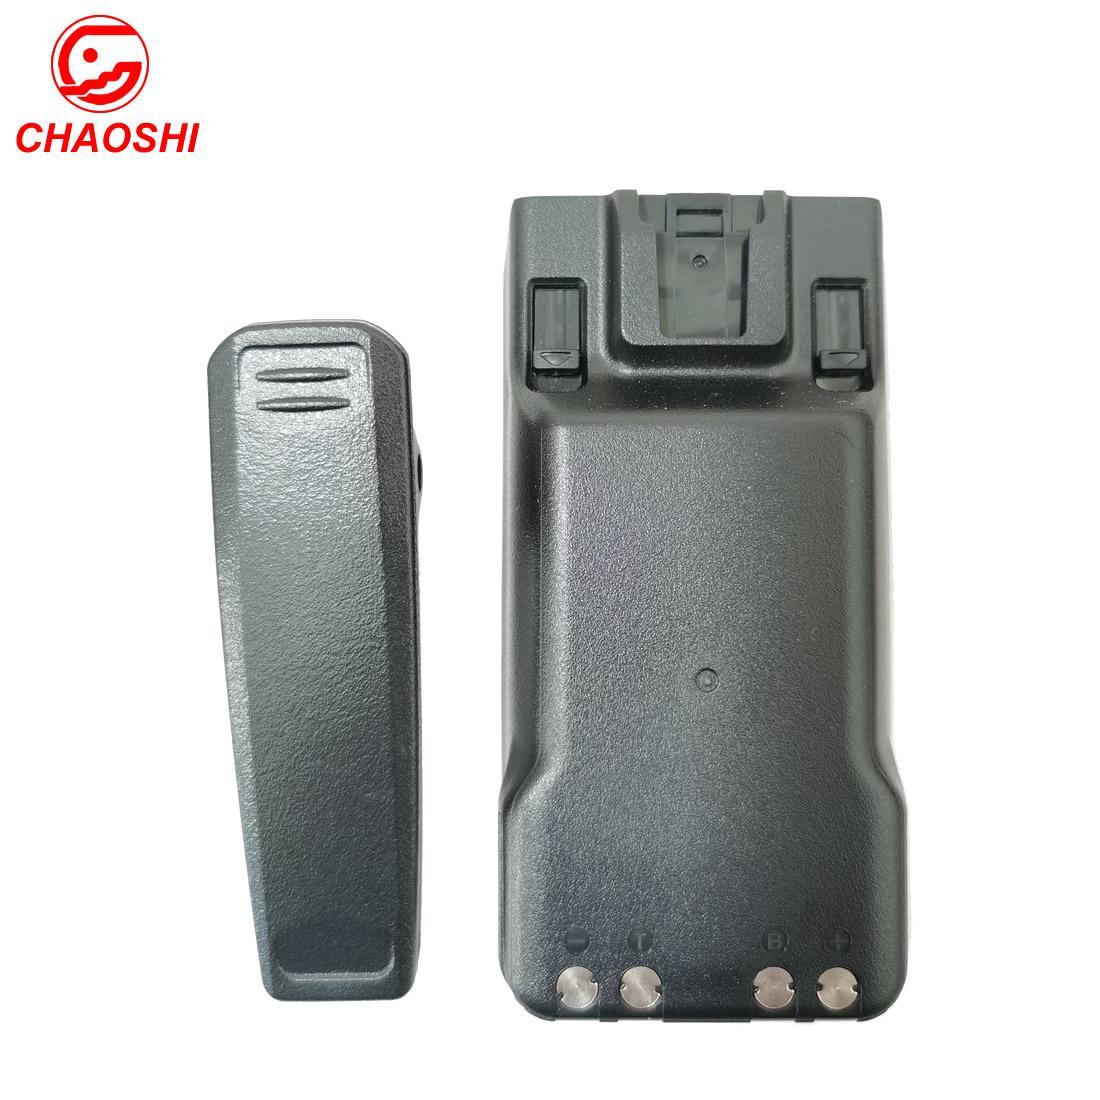 IC-V88對講機電池BP-280 2